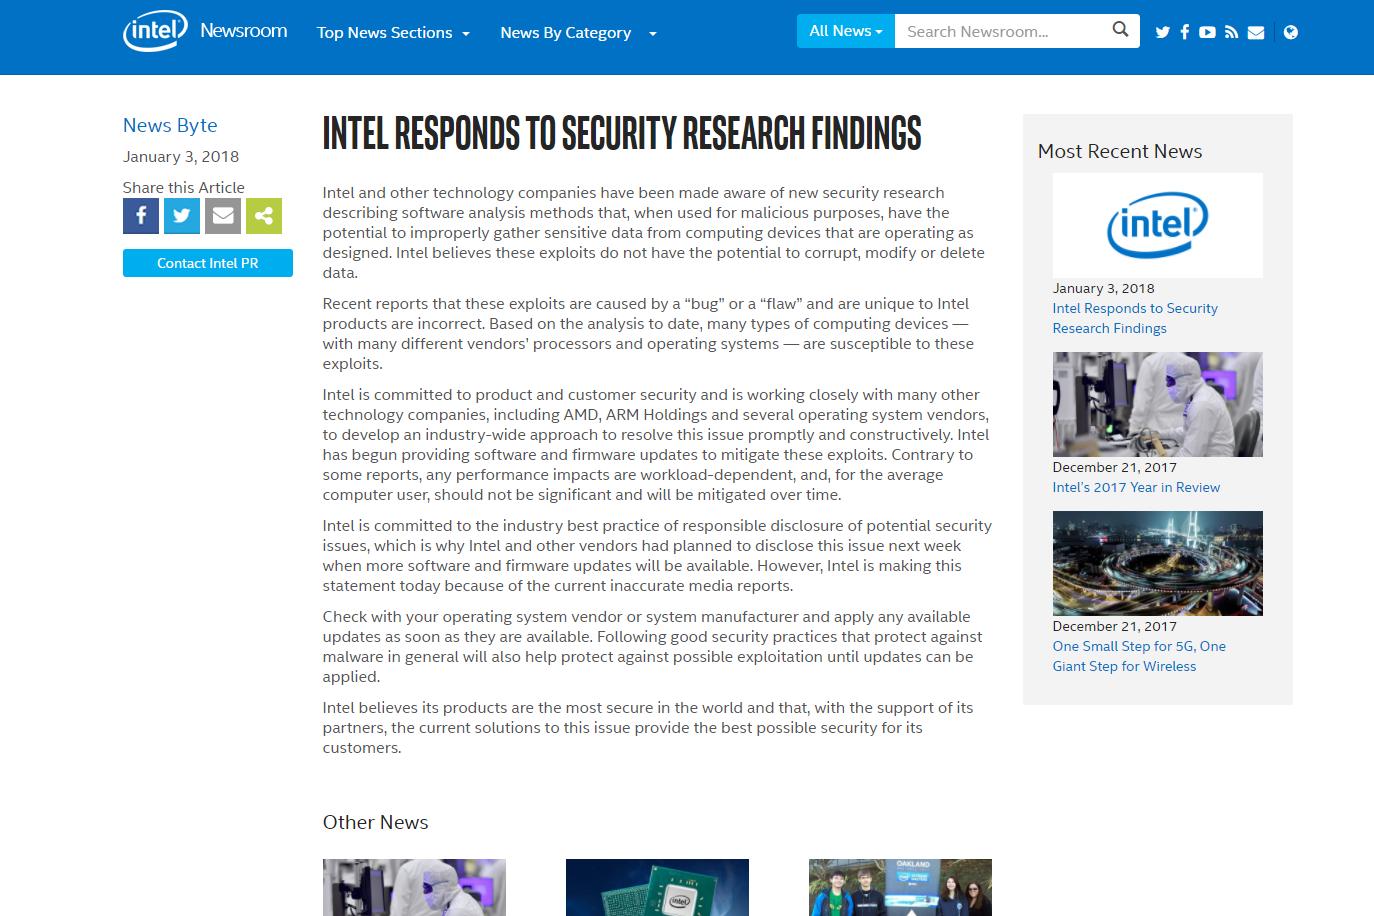 최근 터진 인텔의 보안 결함 이슈 관련 감상 소감